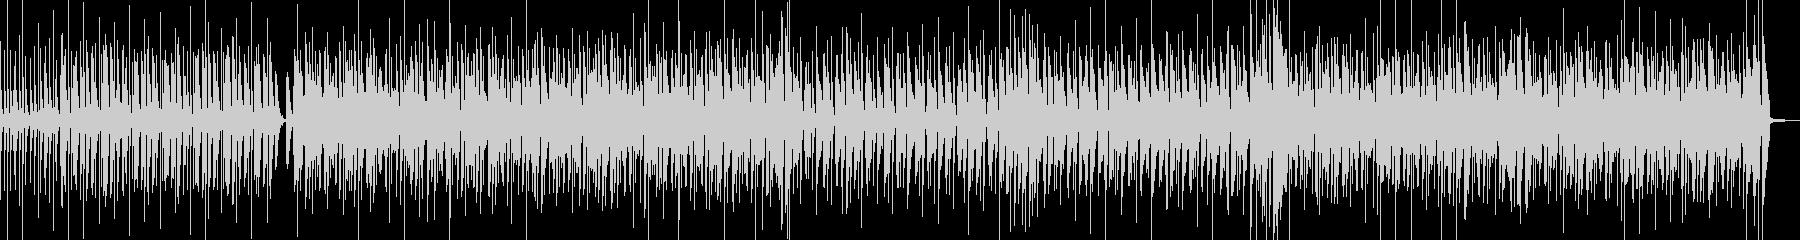 ストリングスとヒップホップビートを合わ…の未再生の波形